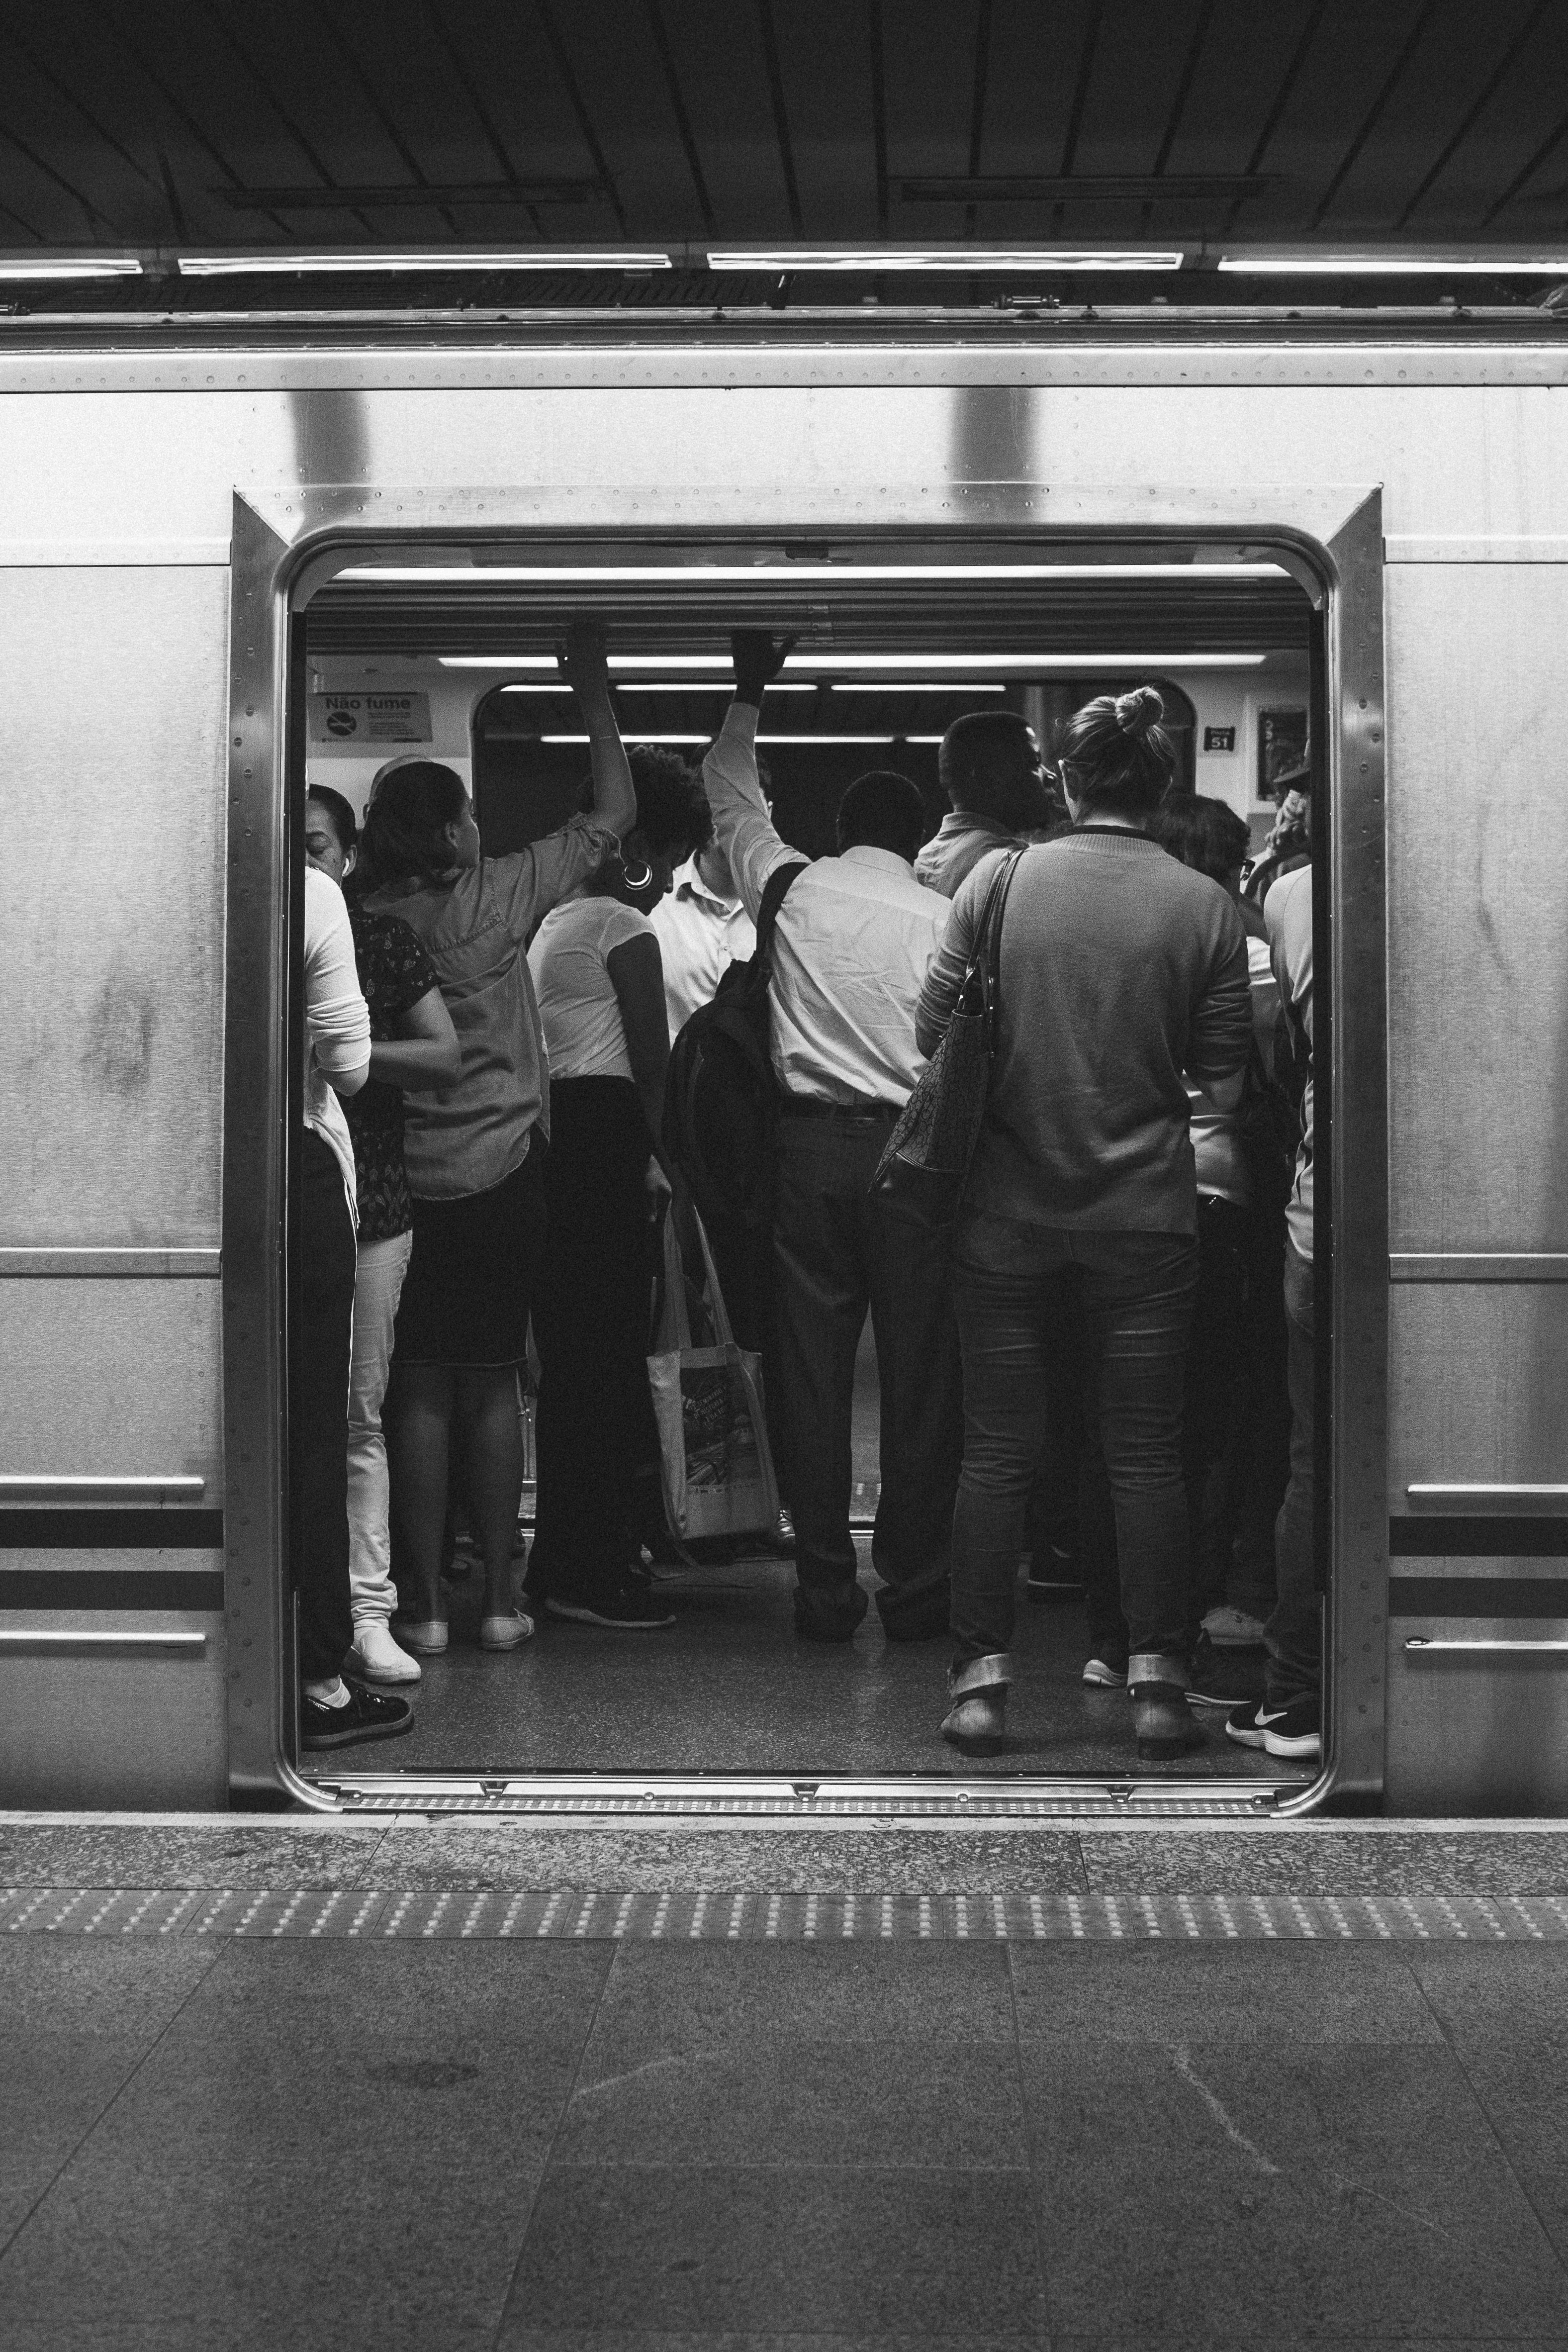 Targetes de Transport Públic